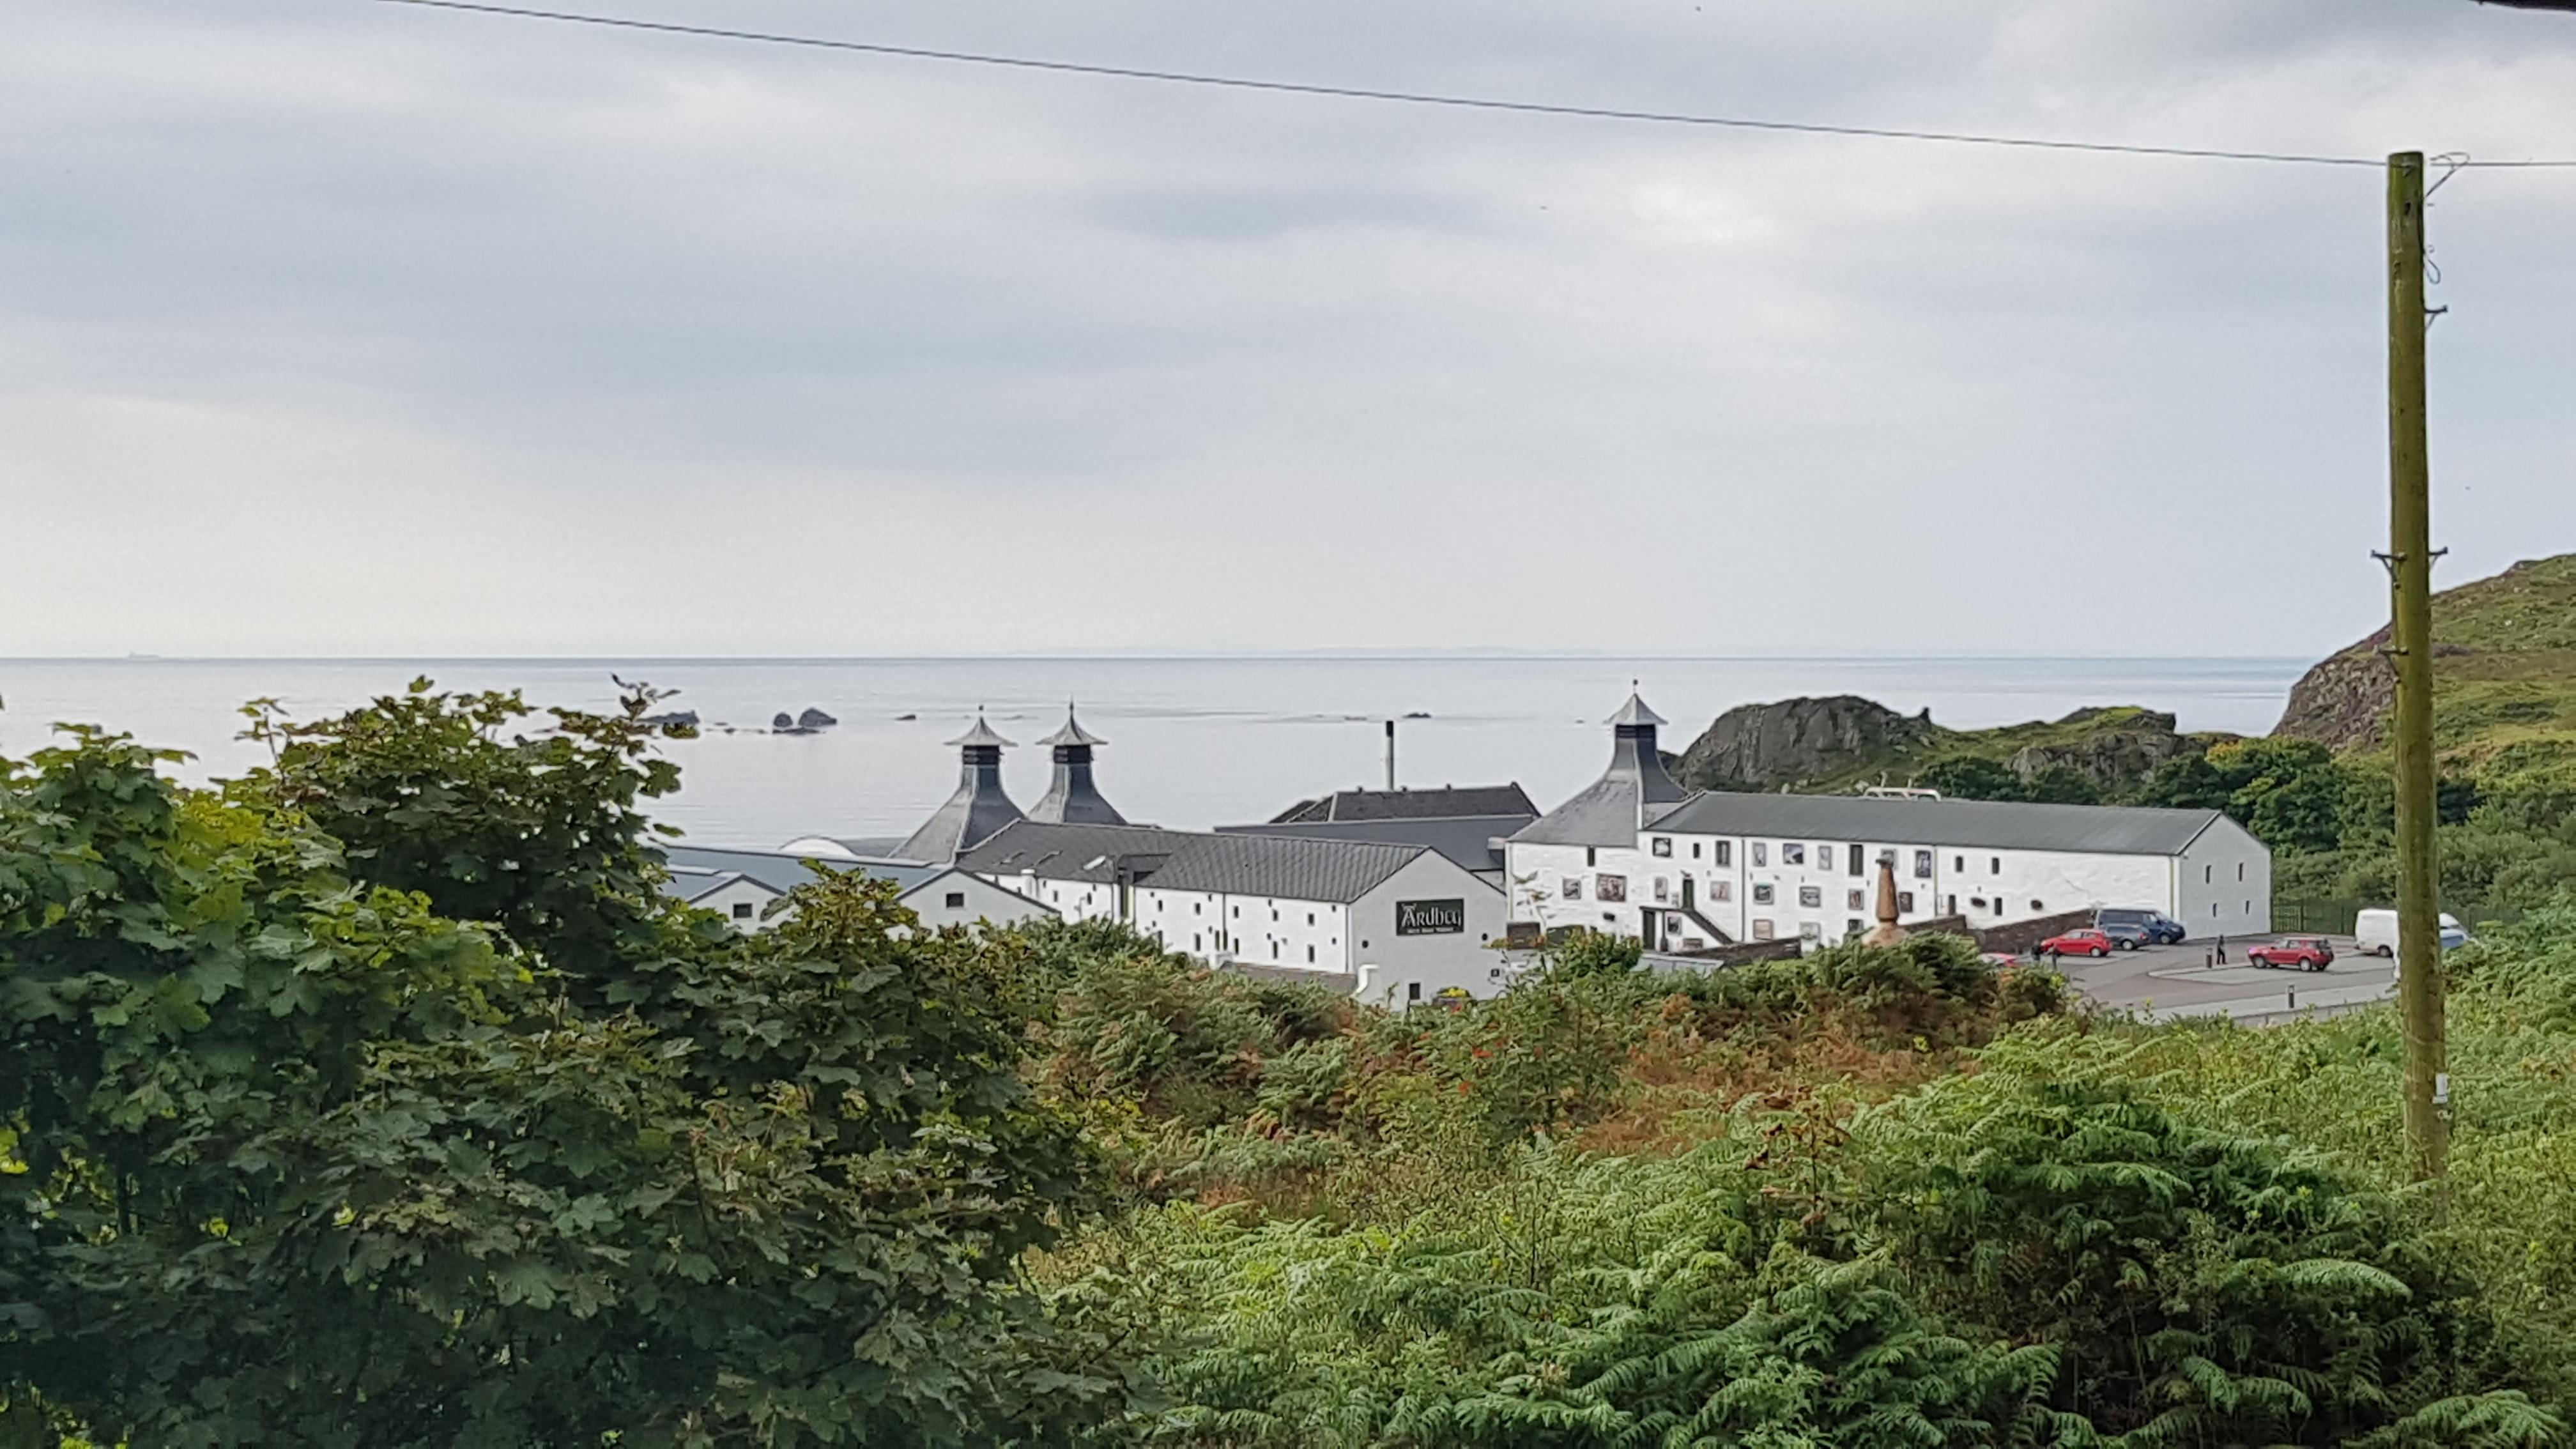 Blick vom Ferienhaus zur nahegelegenen Destillerie Ardbeg.